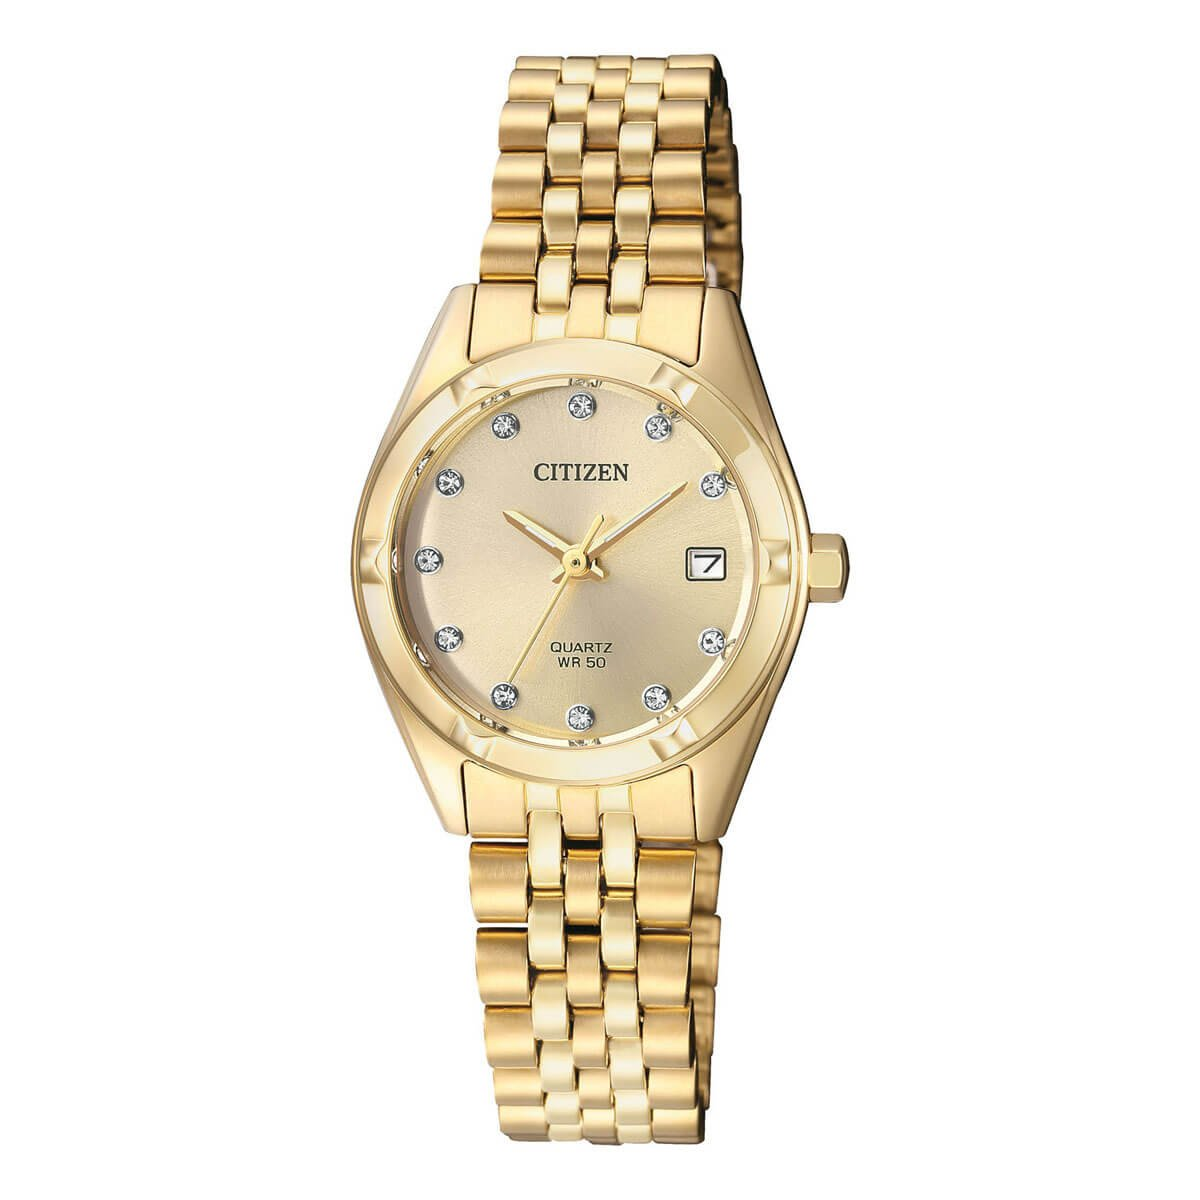 Reloj Dama Citizen C060882  3d9a3af6d388